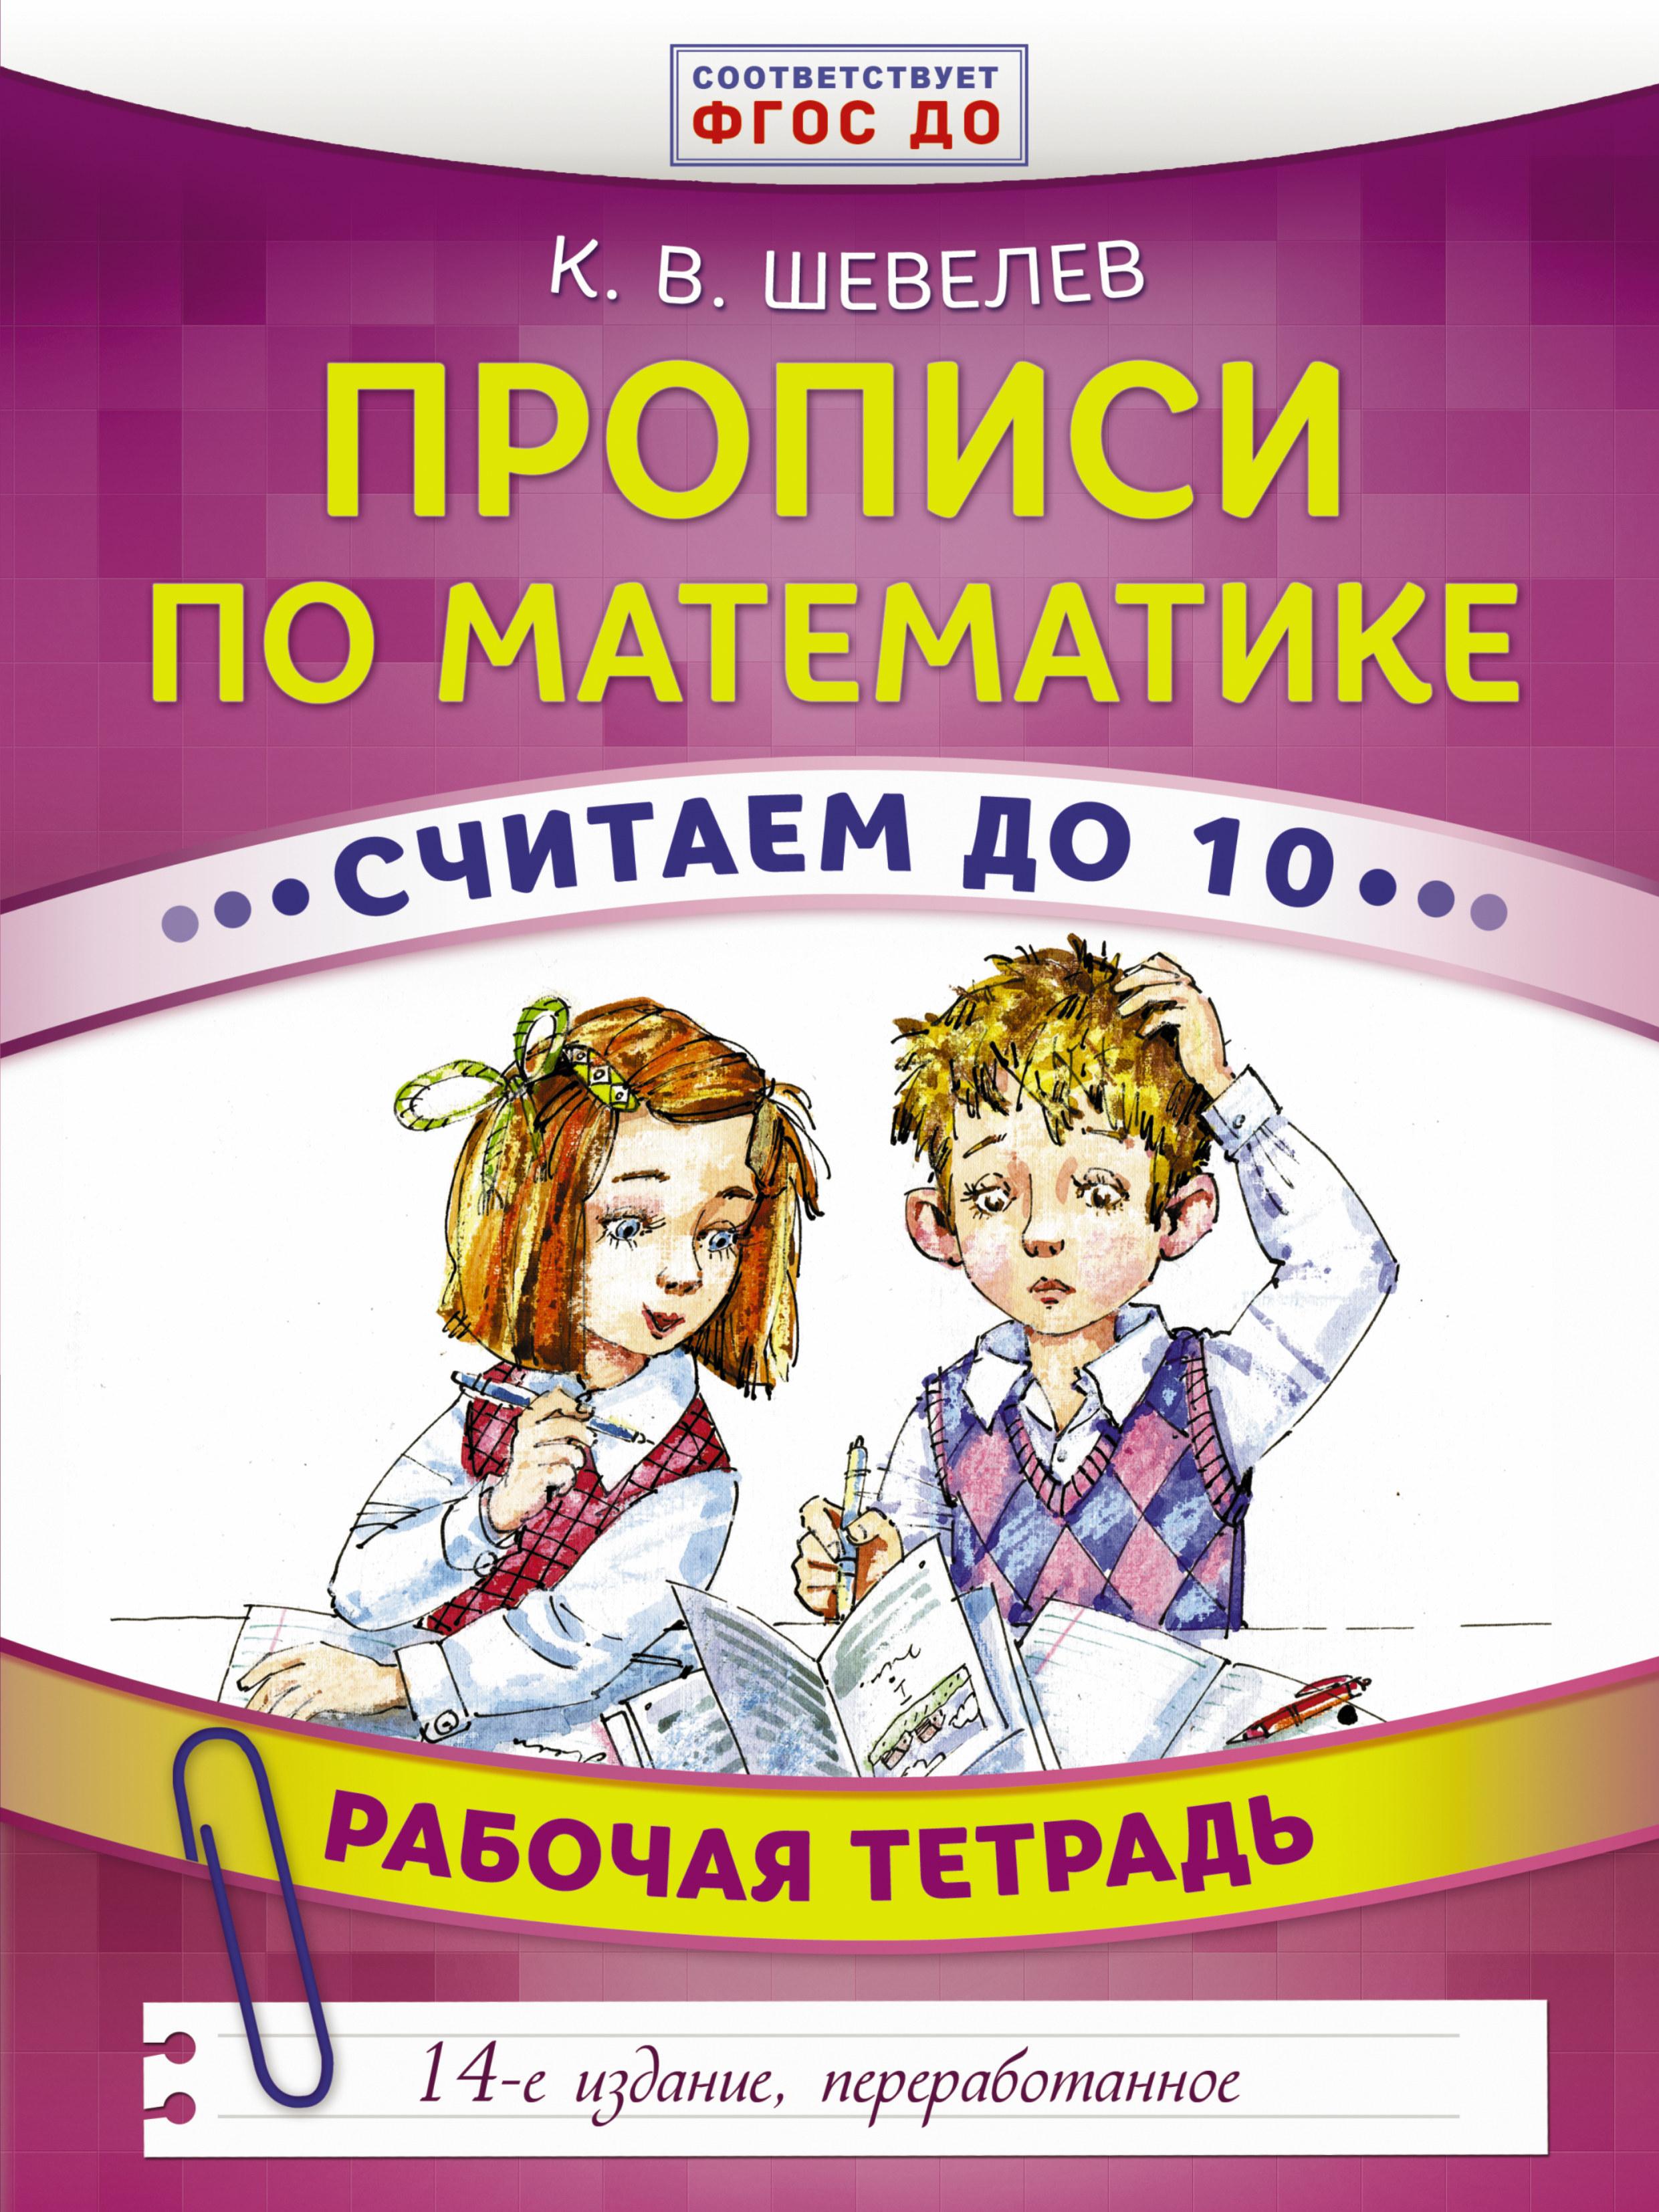 Шевелев К.В. Прописи по математике. Считаем до 10 шевелев к прописи по математике считаем до 20 рабочая тетрадь